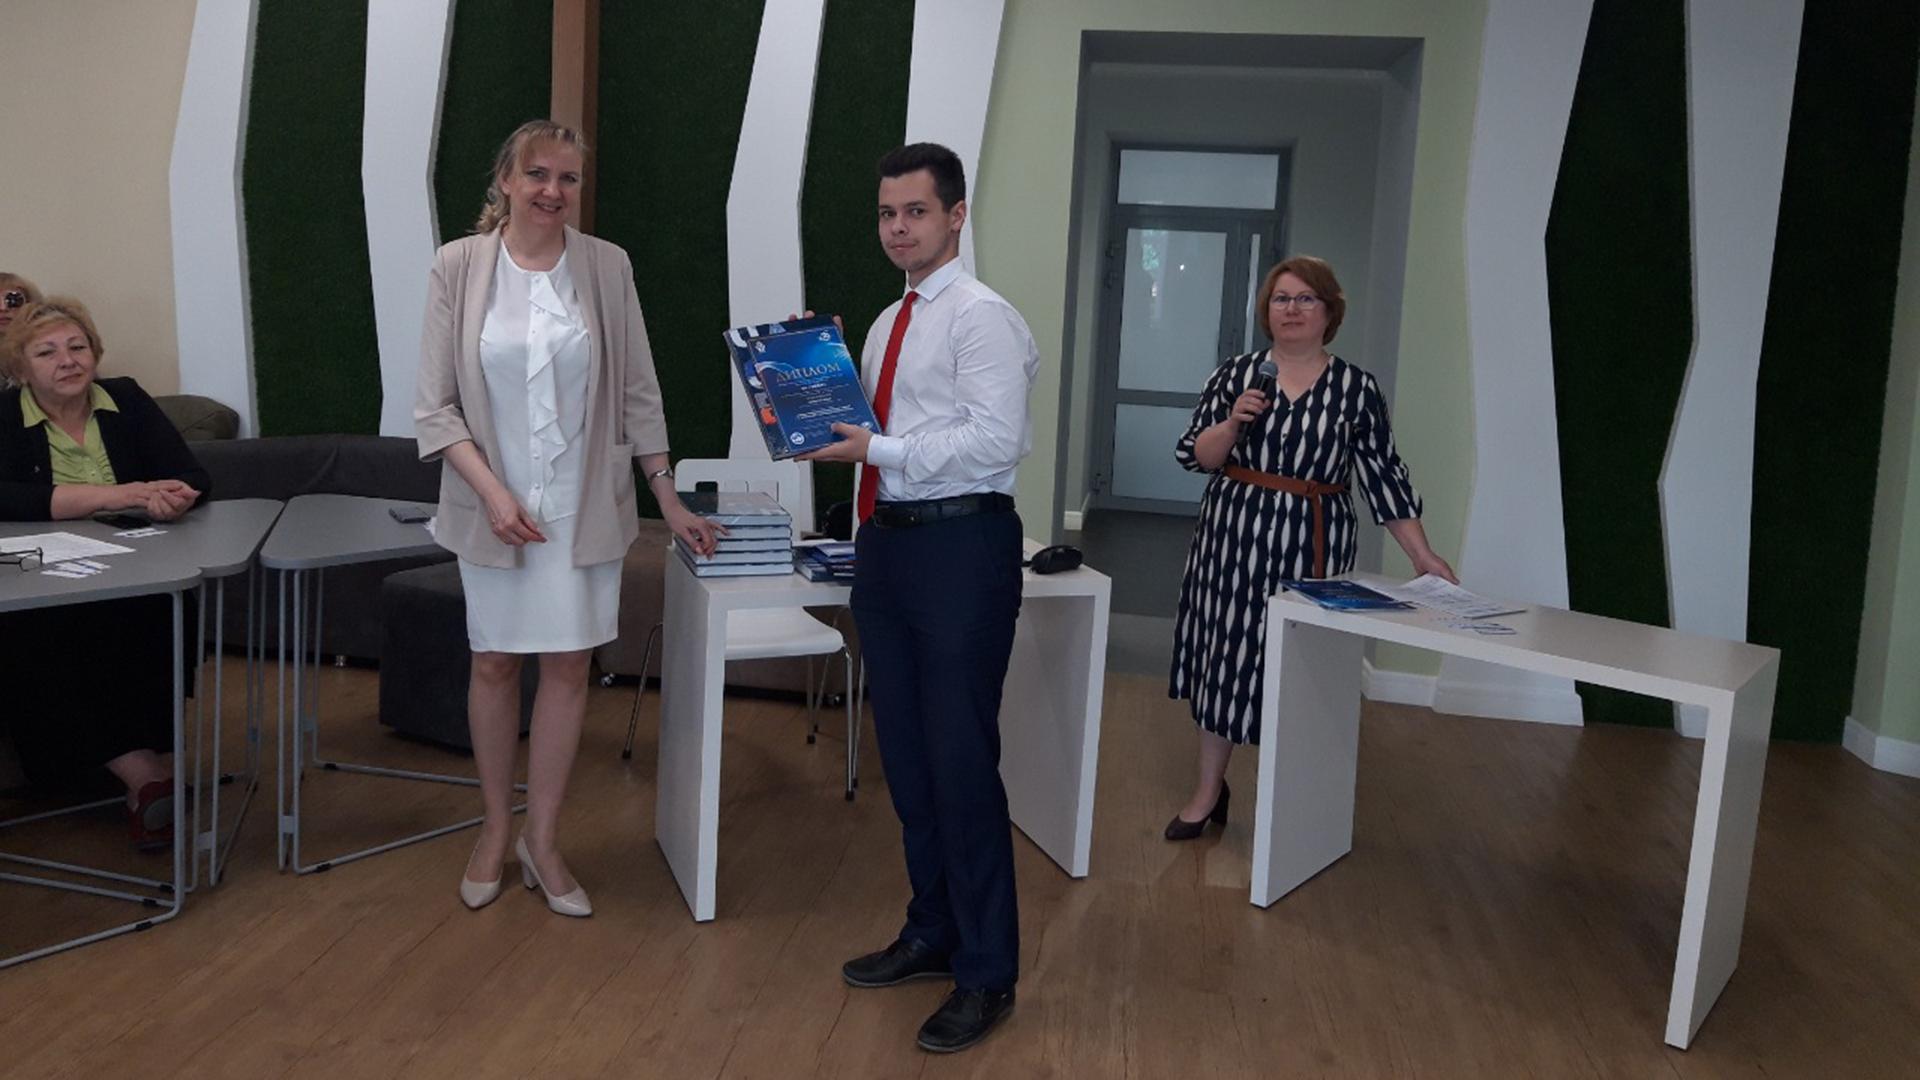 В Мининском университете прошла научно-методическая сессия «Устойчивое развитие глазами молодых исследователей»